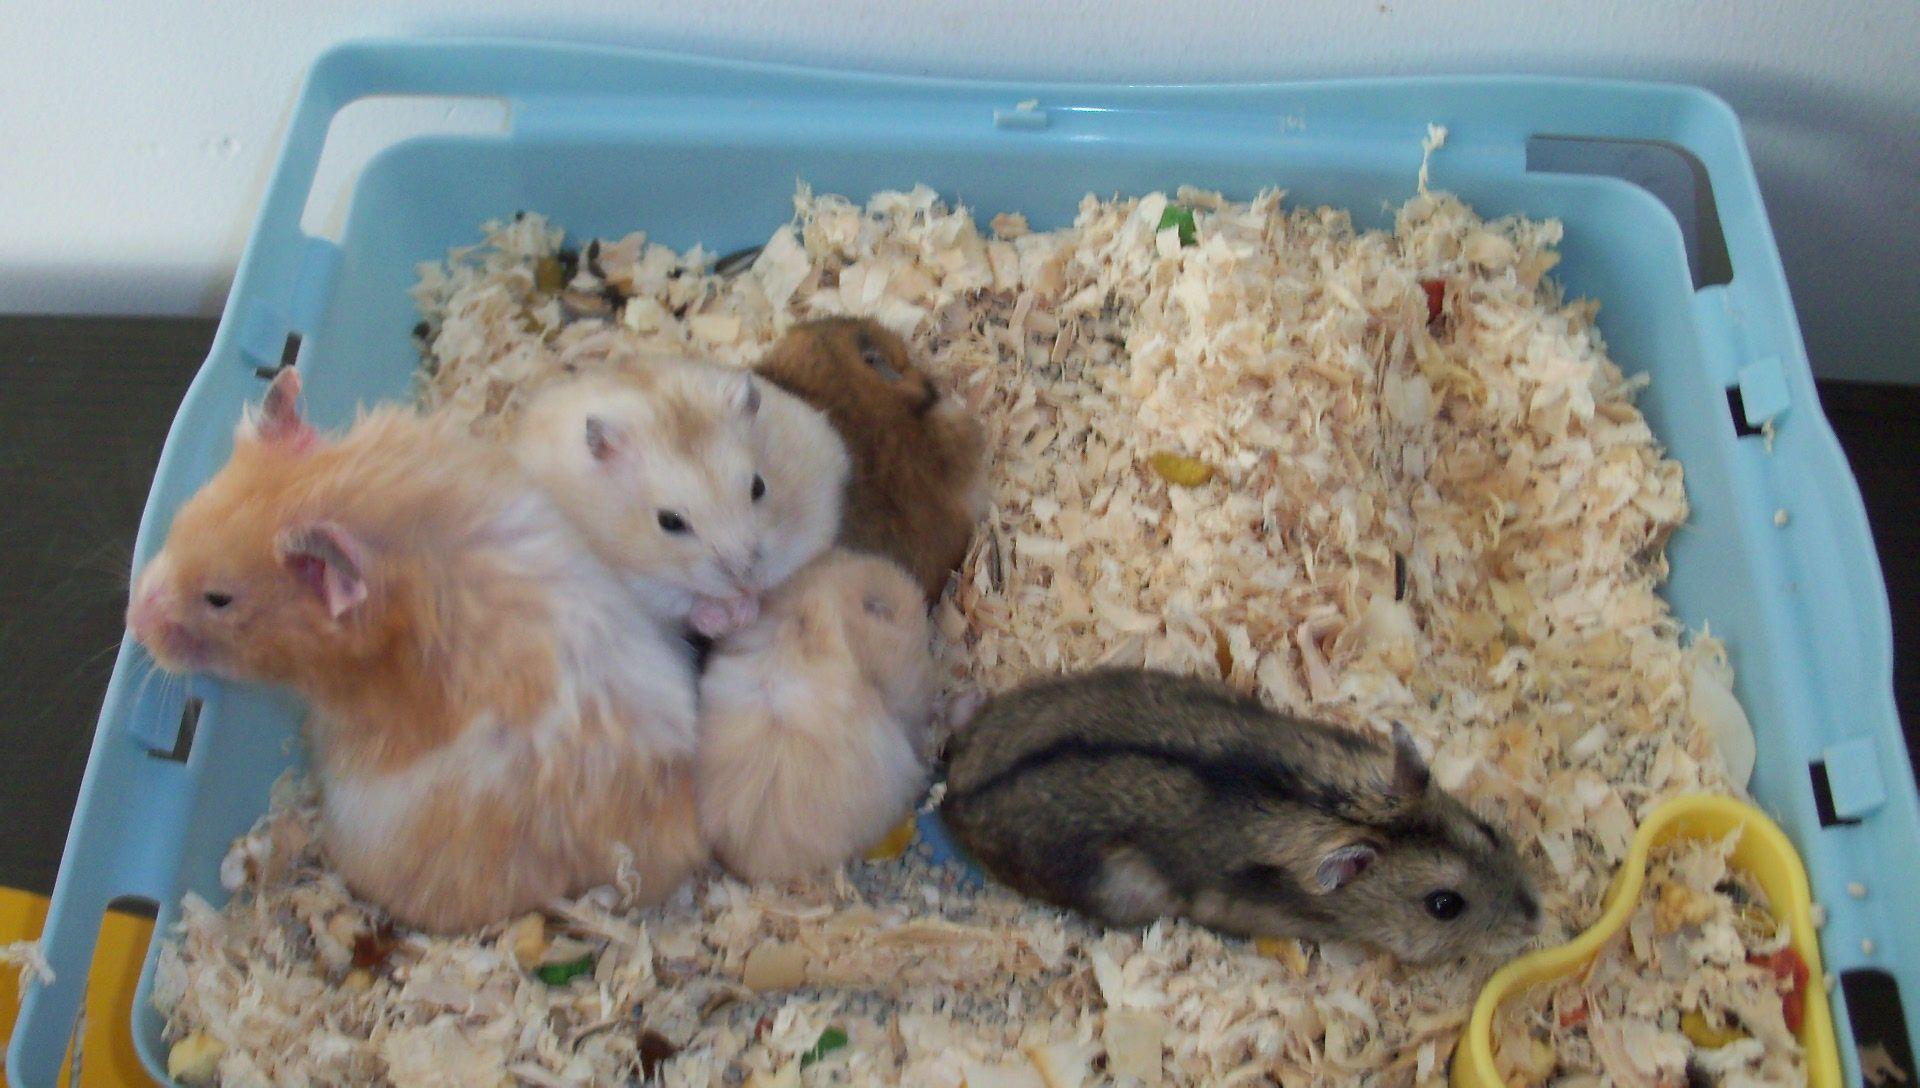 只要能让仓鼠舒服就行了,笼子的话最好去买个鼠笼,不能用纸盒(会啃)